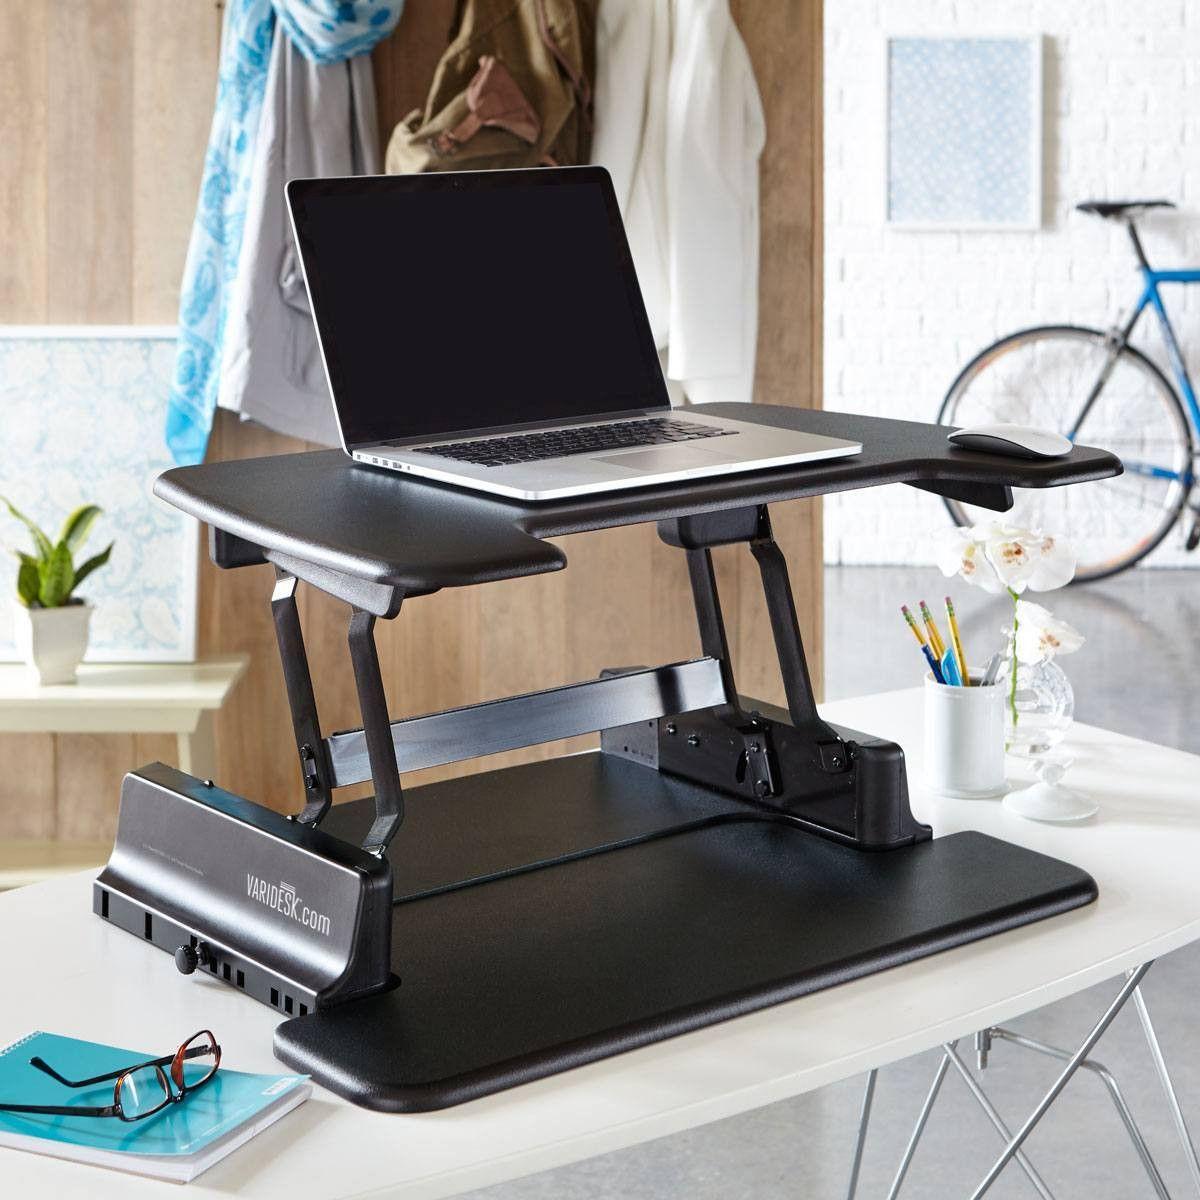 Adjustable Height Desk Pro Laptop Varidesk 2 Laptop Desk Stand